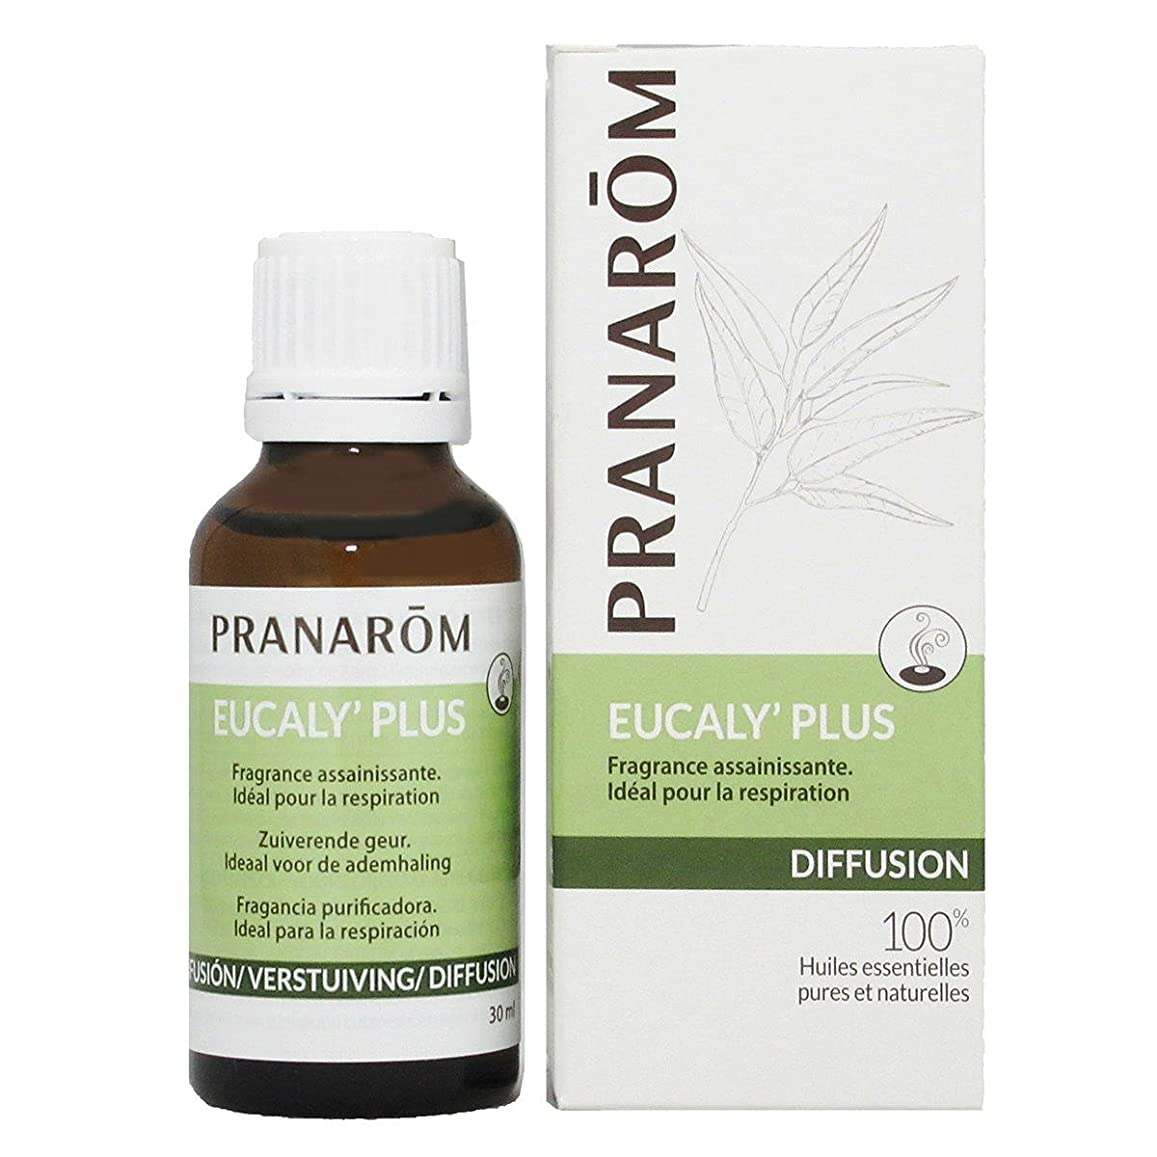 ピンチ神経衰弱訴えるプラナロム ルームコロン/胸一杯のフレッシュエア ユーカリプラス?30ml